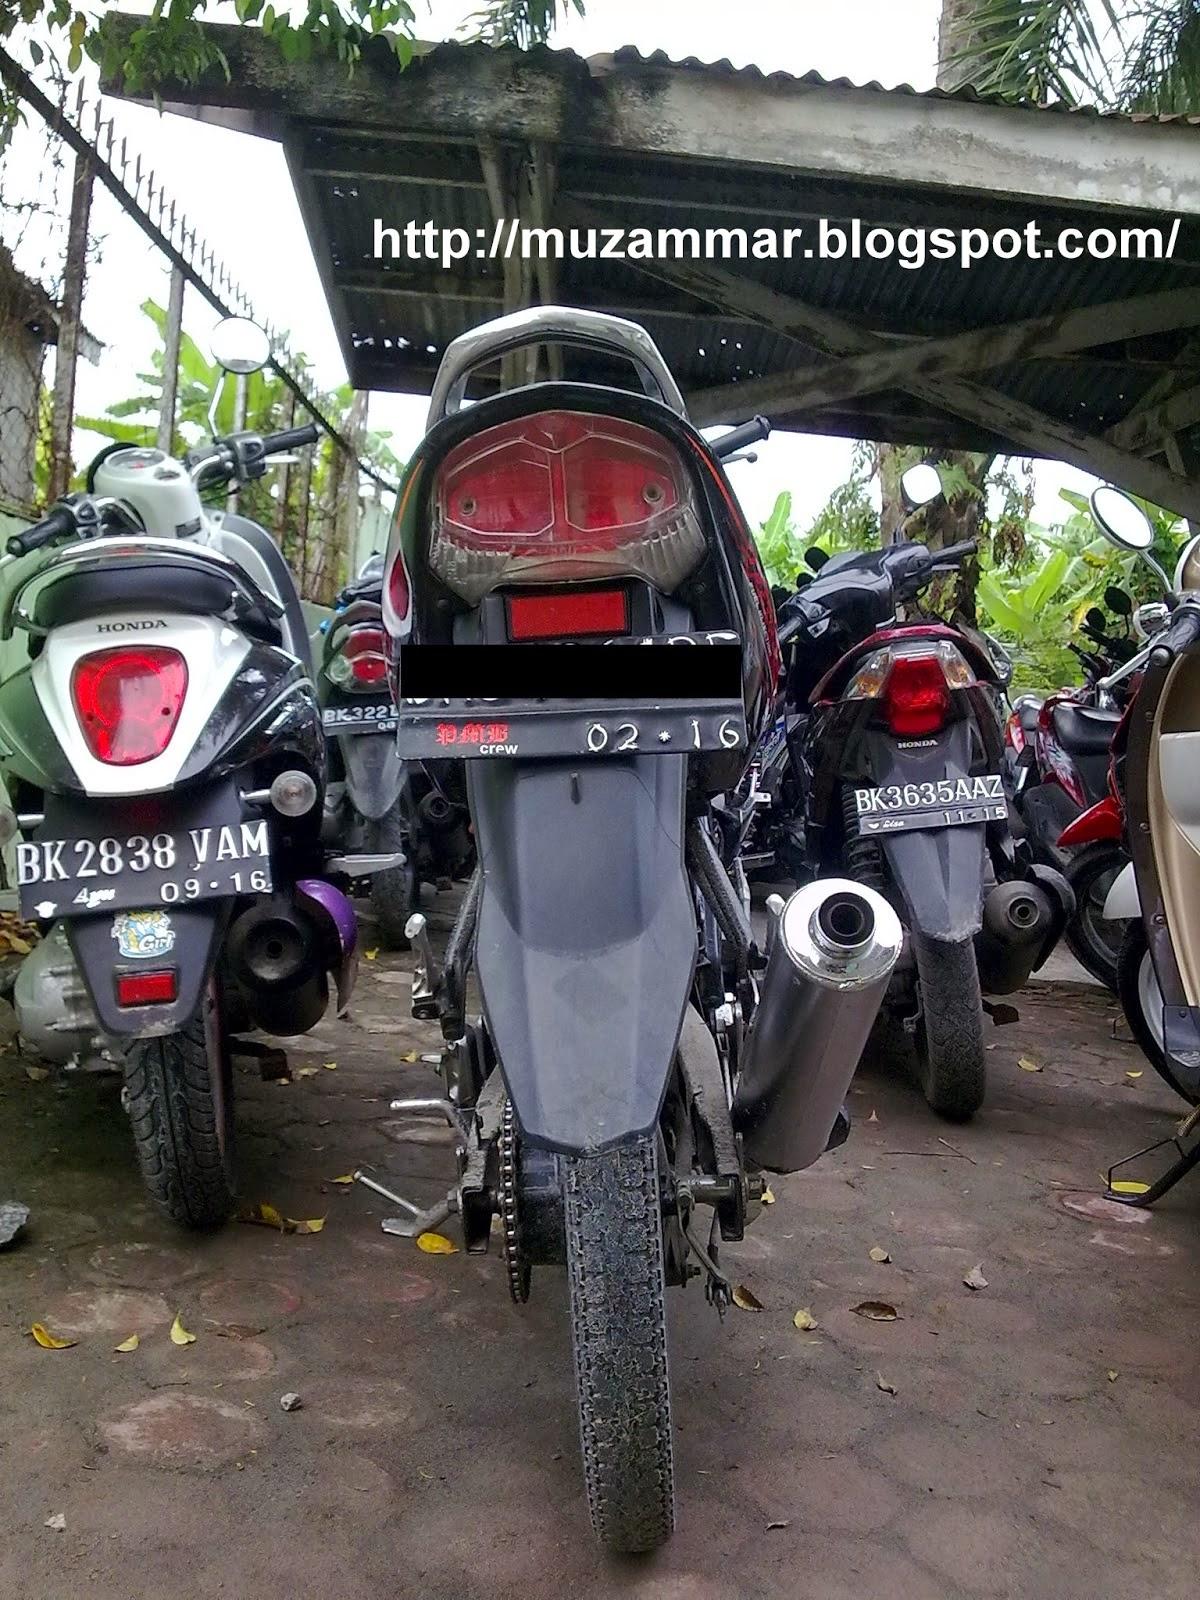 Modif Yamaha Vixion 2014